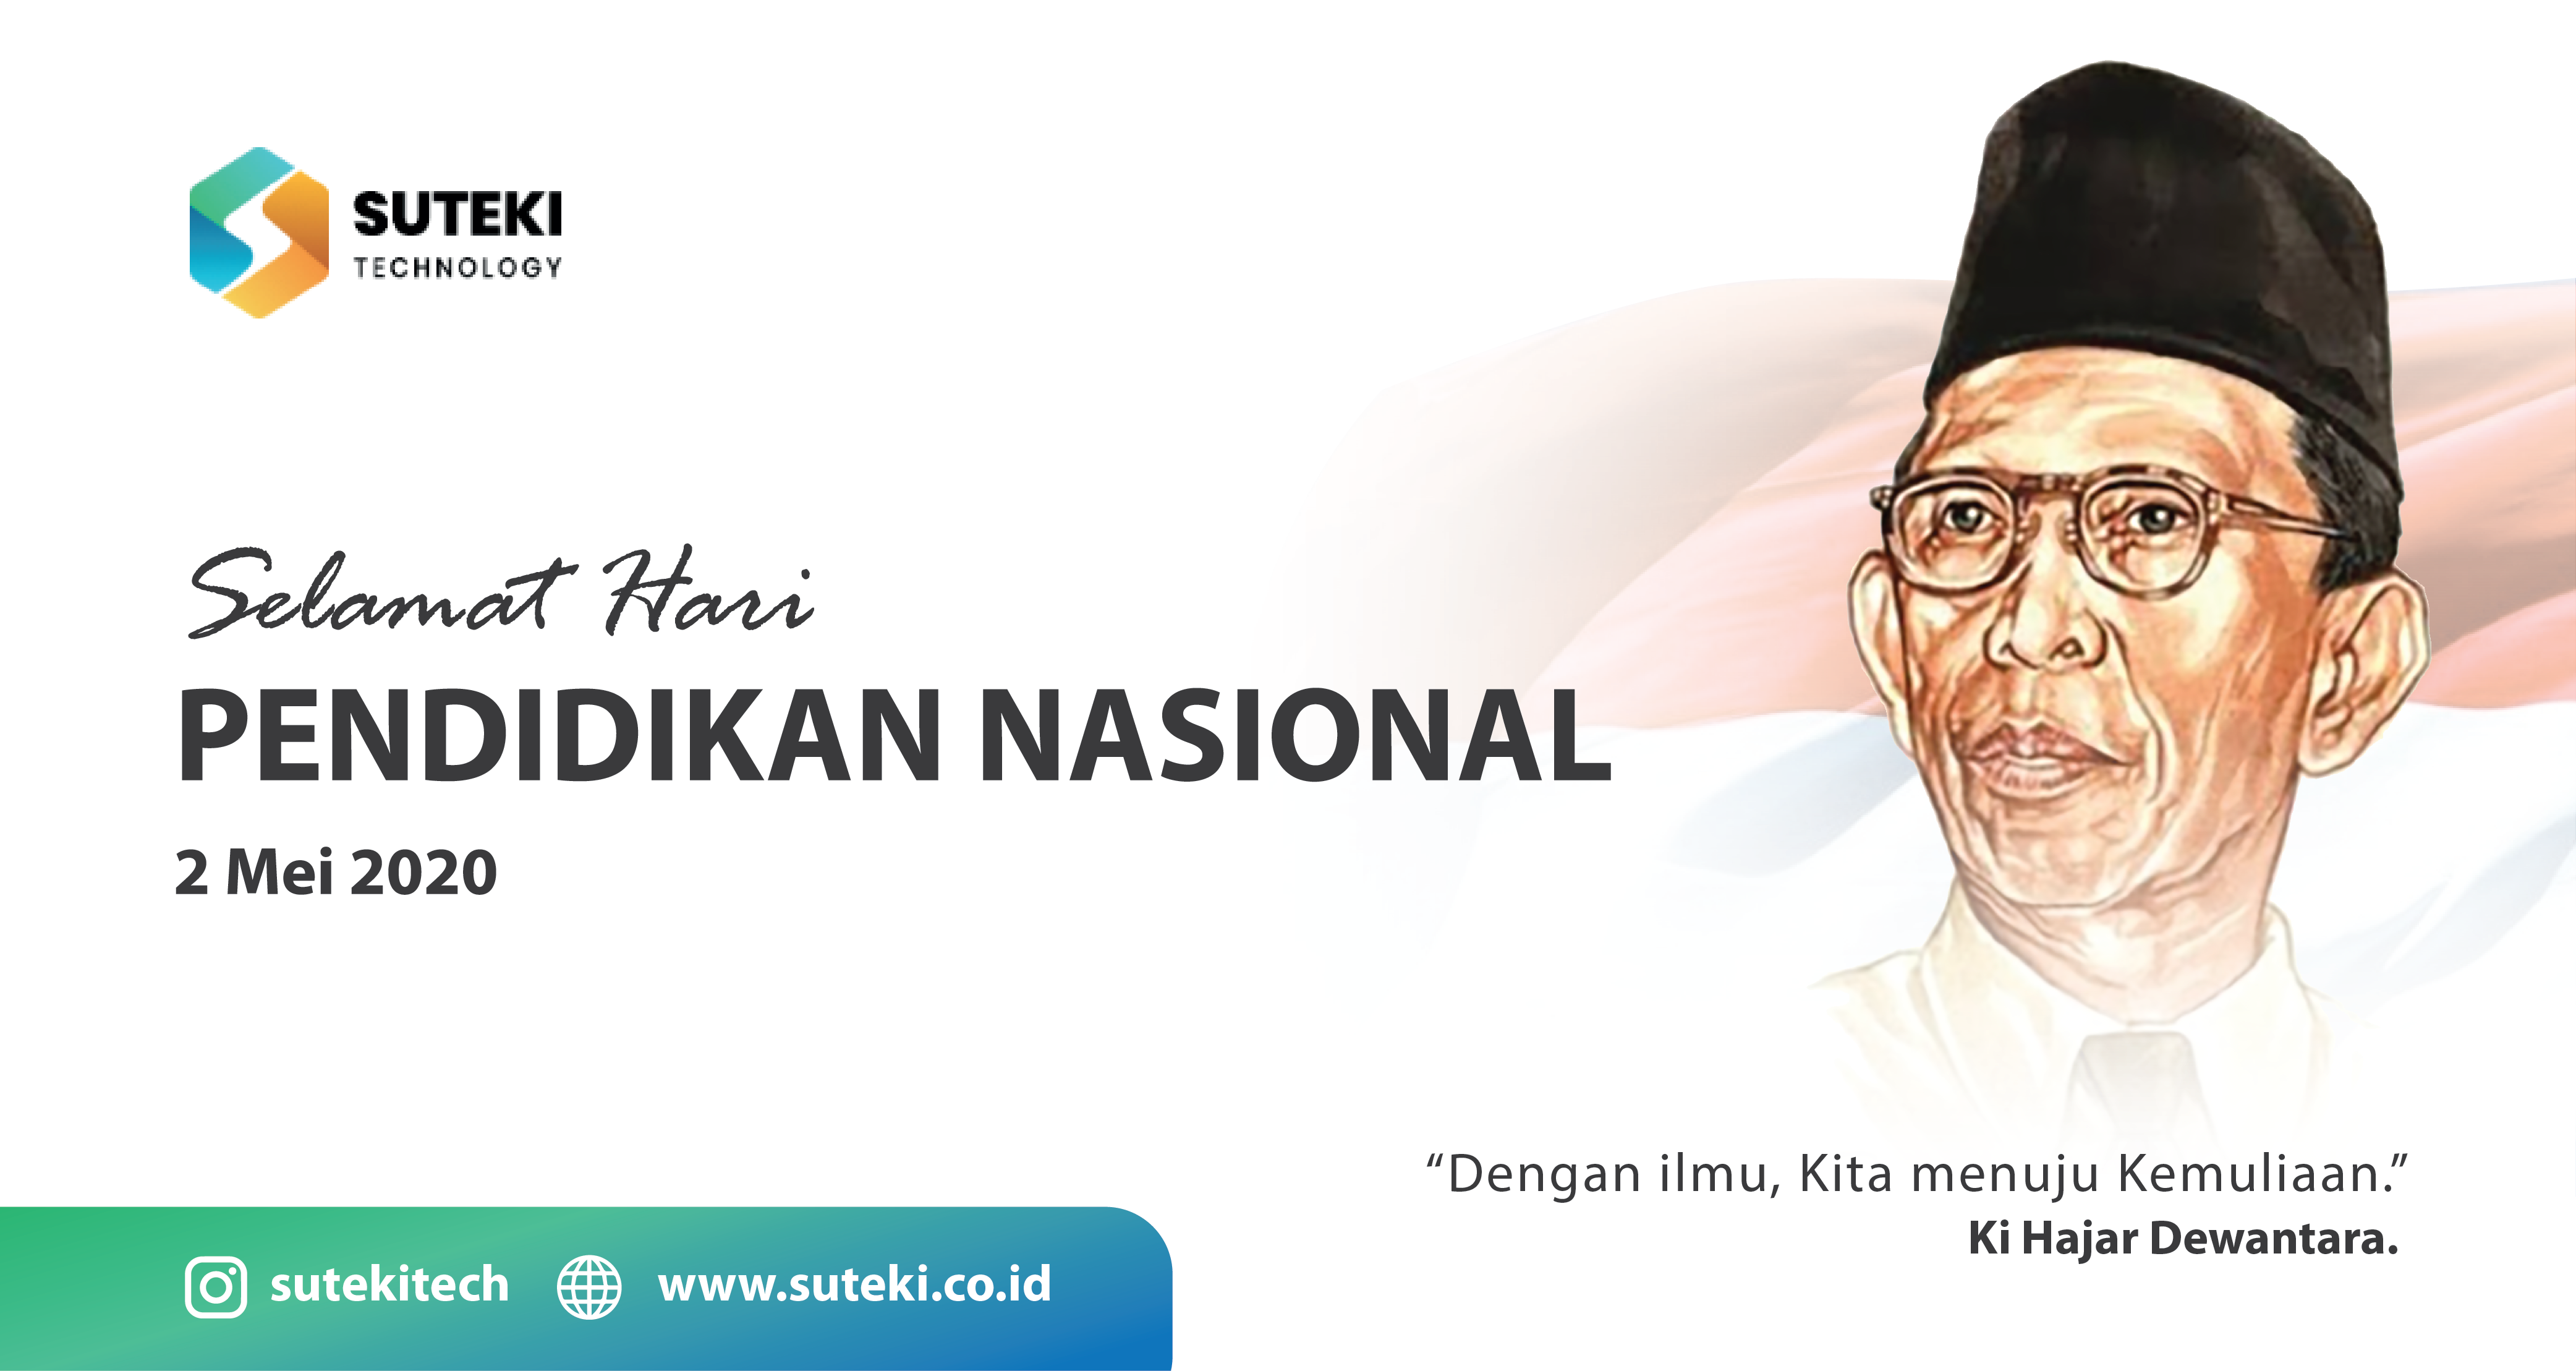 Selamat Hari Pendidikan Nasional Indonesia, 2 Mei 2020  Beranda Hari Pendidikan Nasional